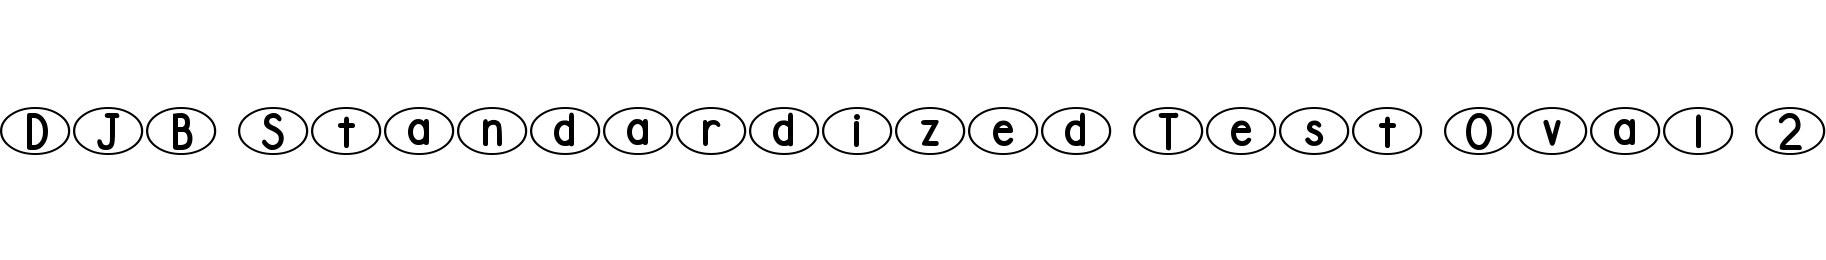 DJB Standardized Test Oval 2